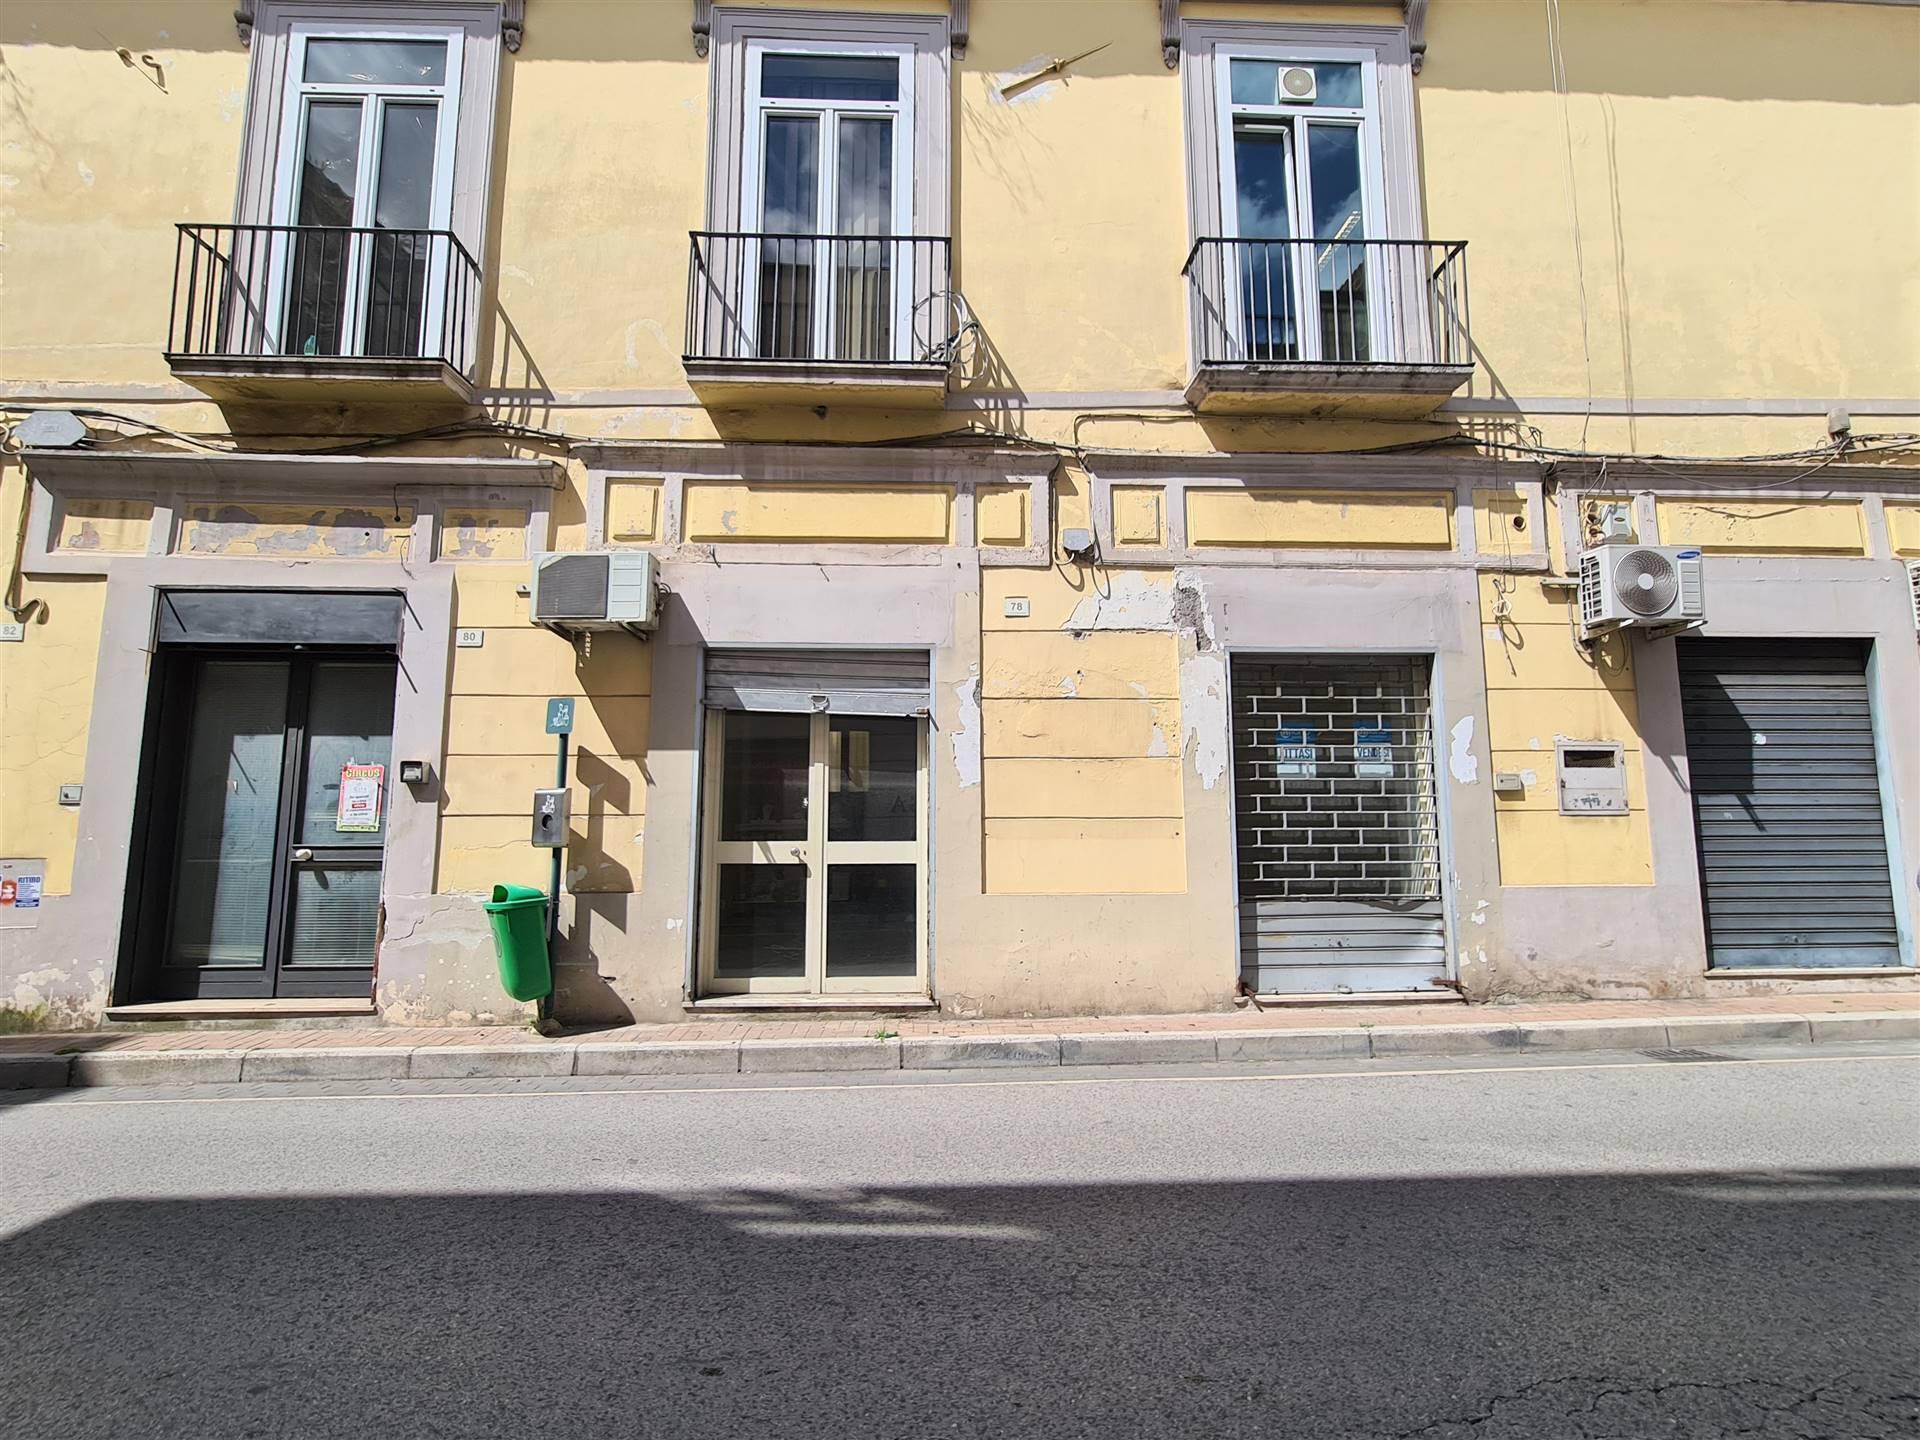 Negozio / Locale in affitto a Santa Maria Capua Vetere, 1 locali, prezzo € 450   CambioCasa.it